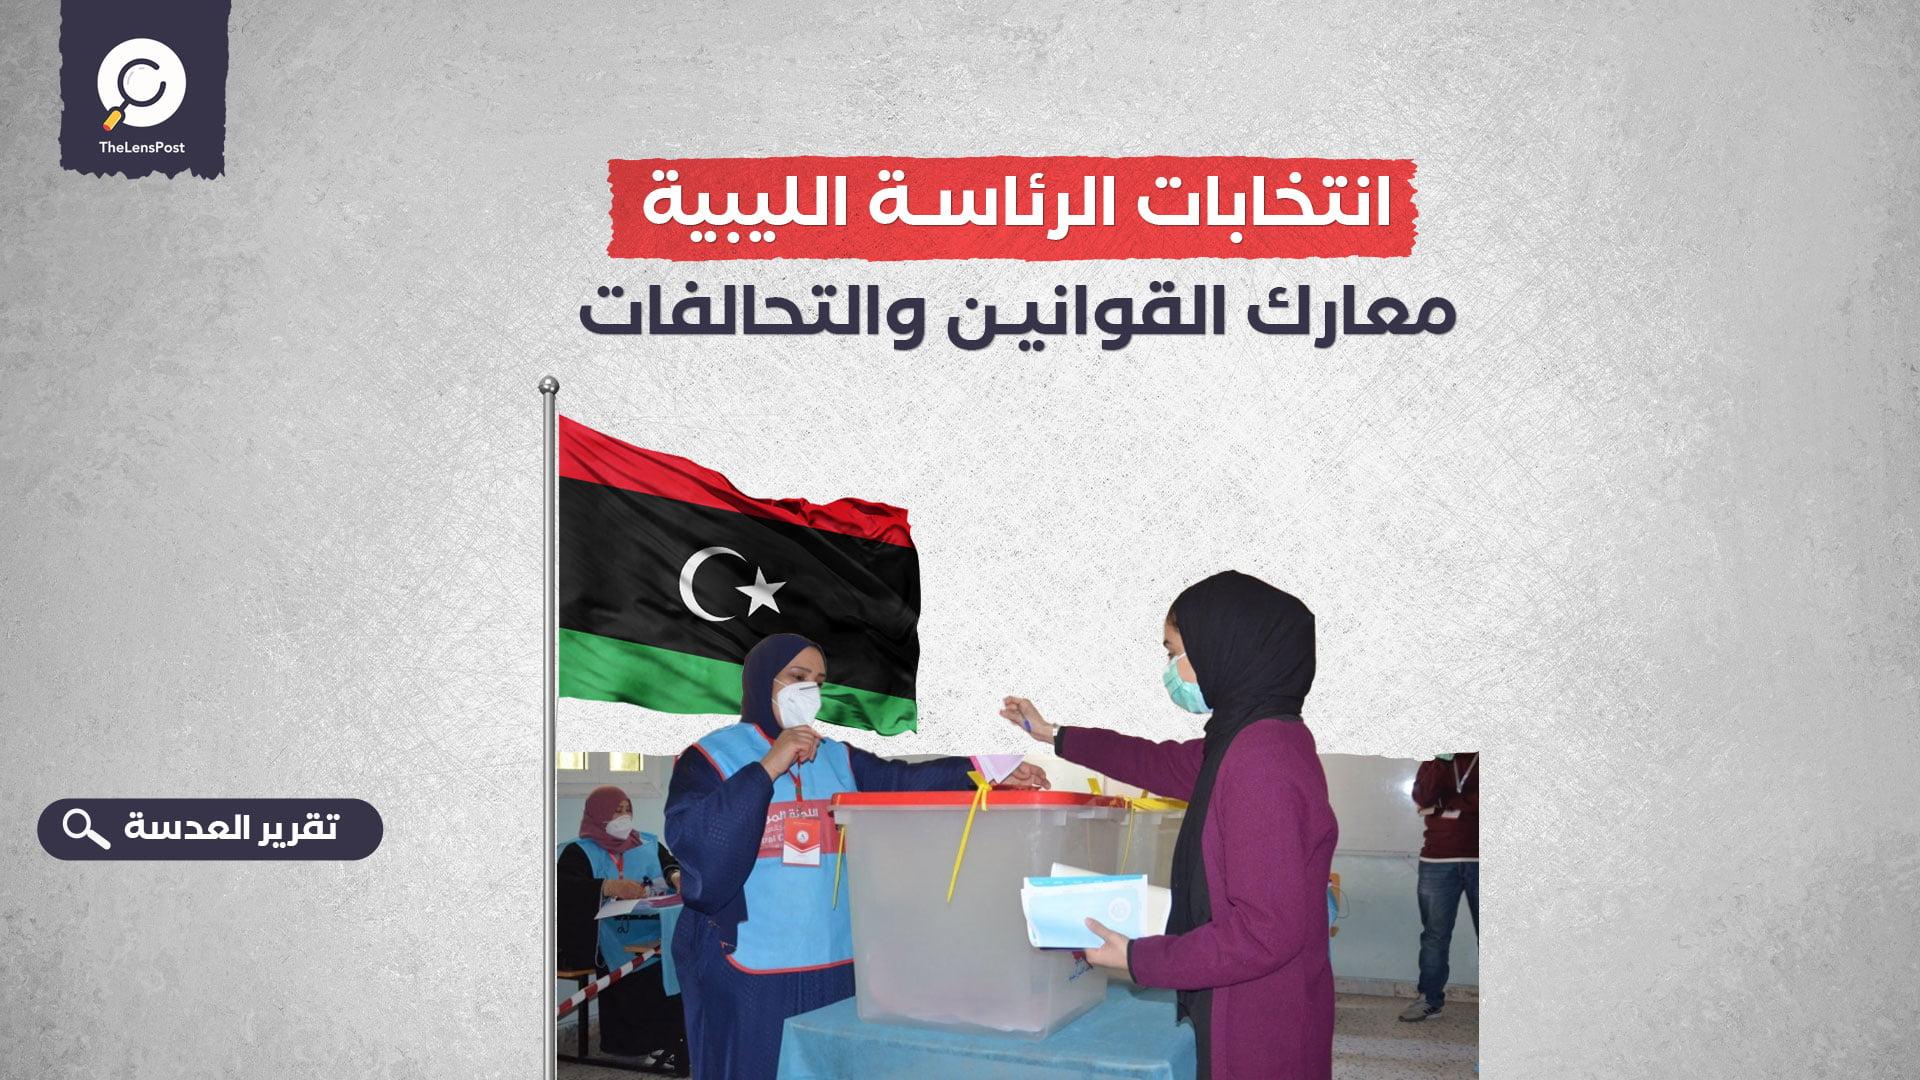 انتخابات الرئاسة الليبية.. معارك القوانين والتحالفات